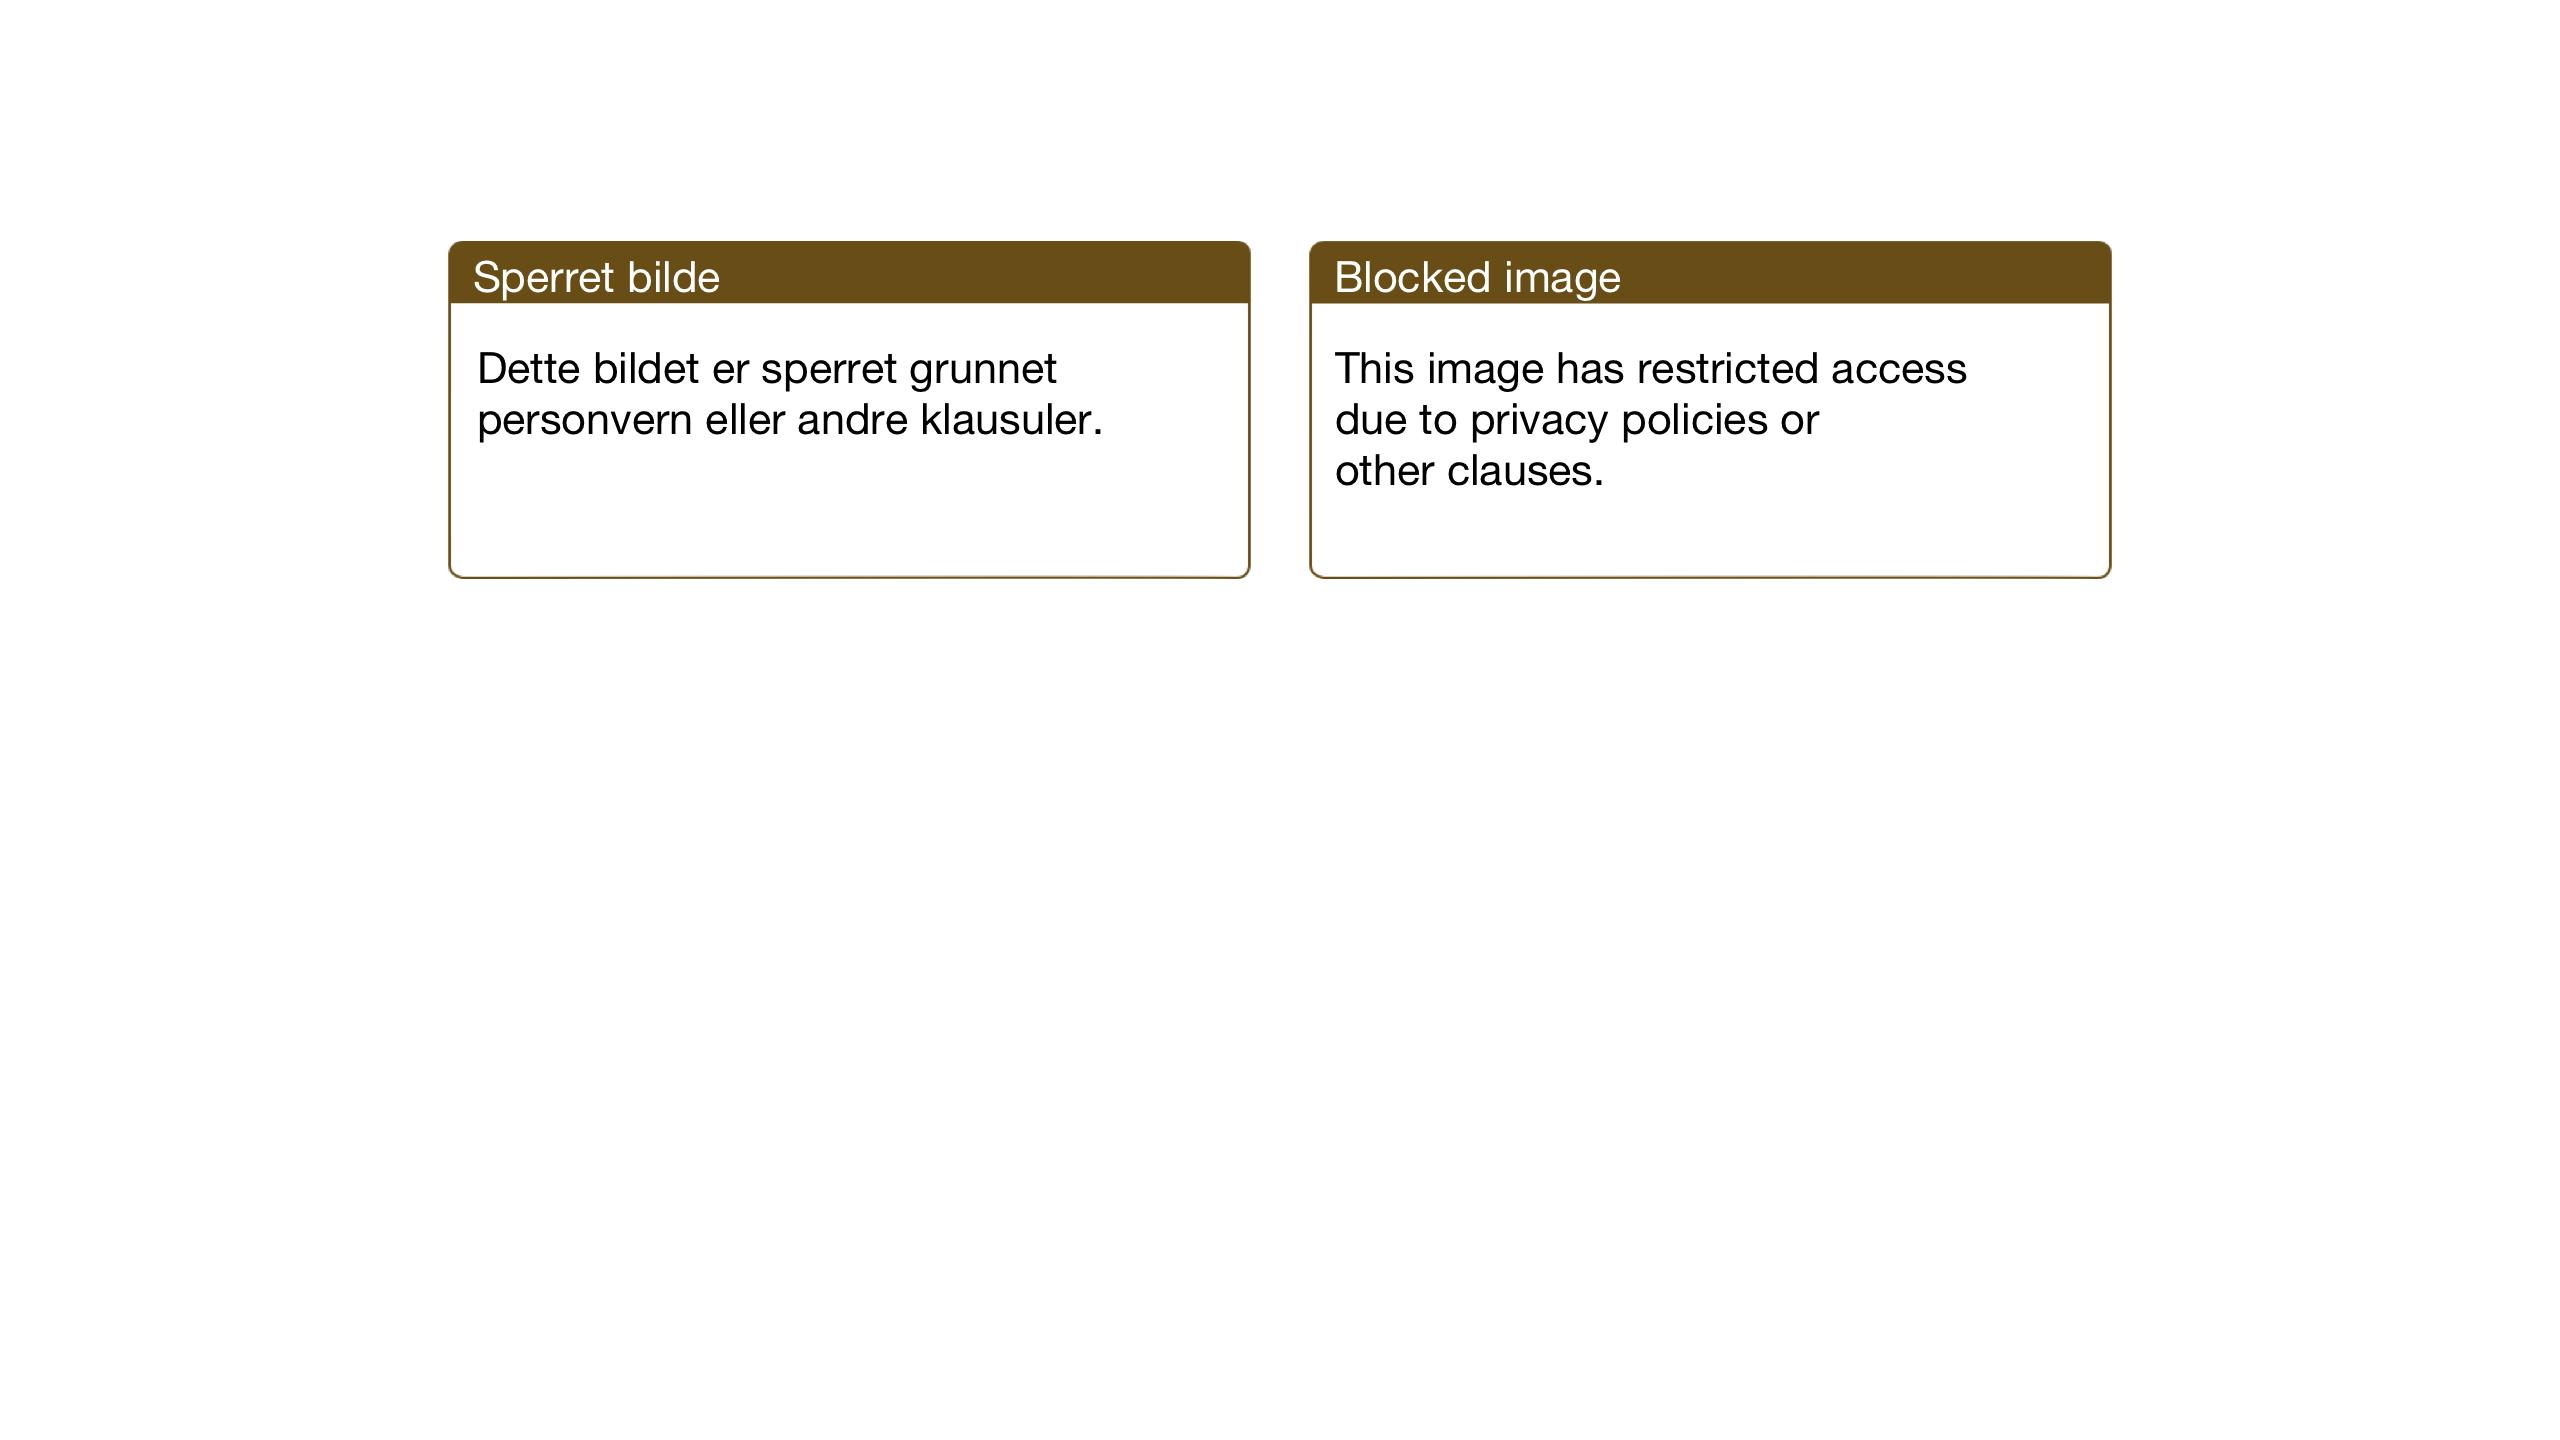 SAT, Ministerialprotokoller, klokkerbøker og fødselsregistre - Nord-Trøndelag, 710/L0097: Klokkerbok nr. 710C02, 1925-1955, s. 24